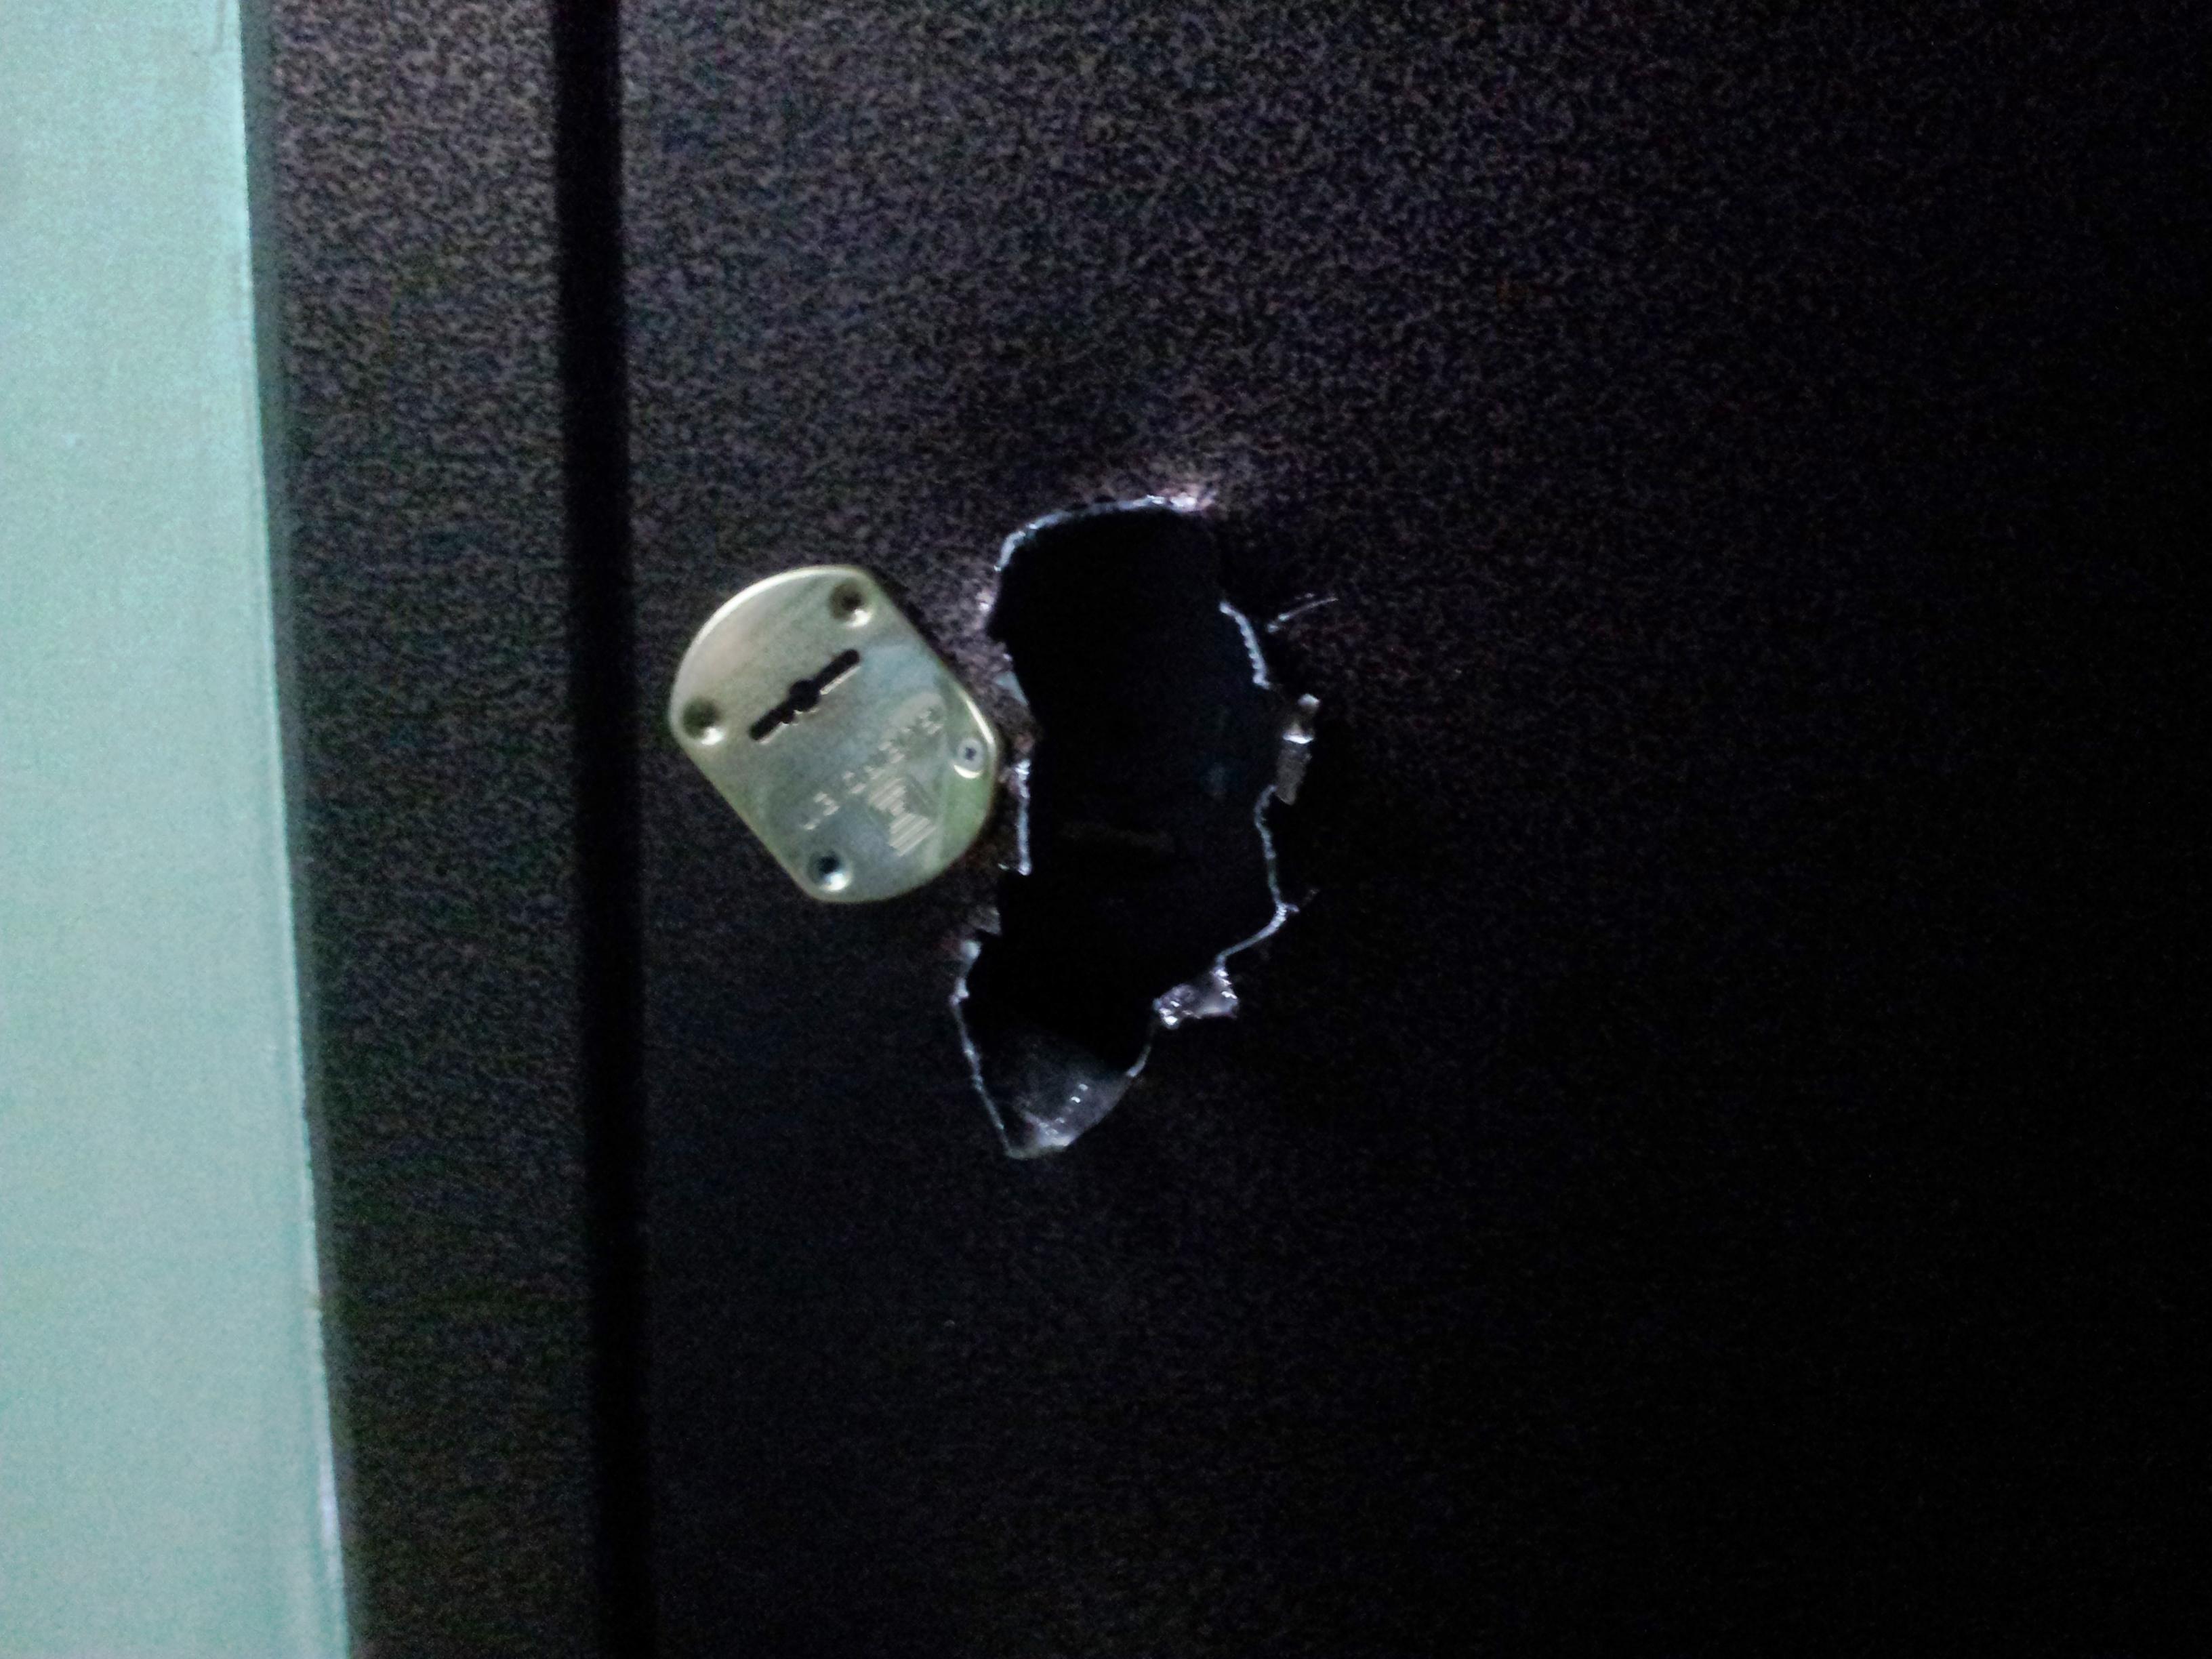 Дверь со взломанным замком